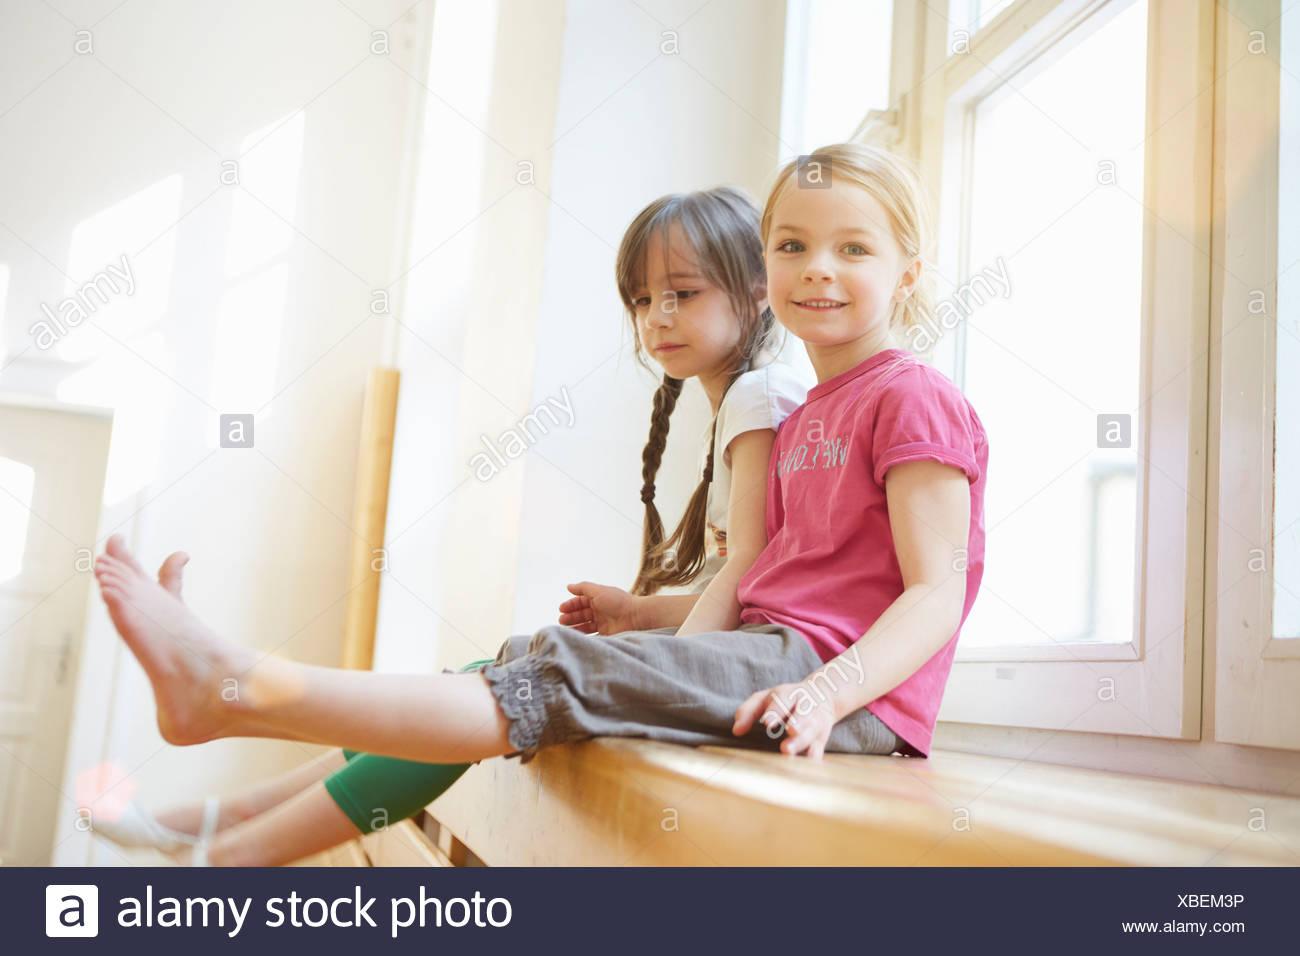 Ragazze seduti su un apparato in school hall Immagini Stock